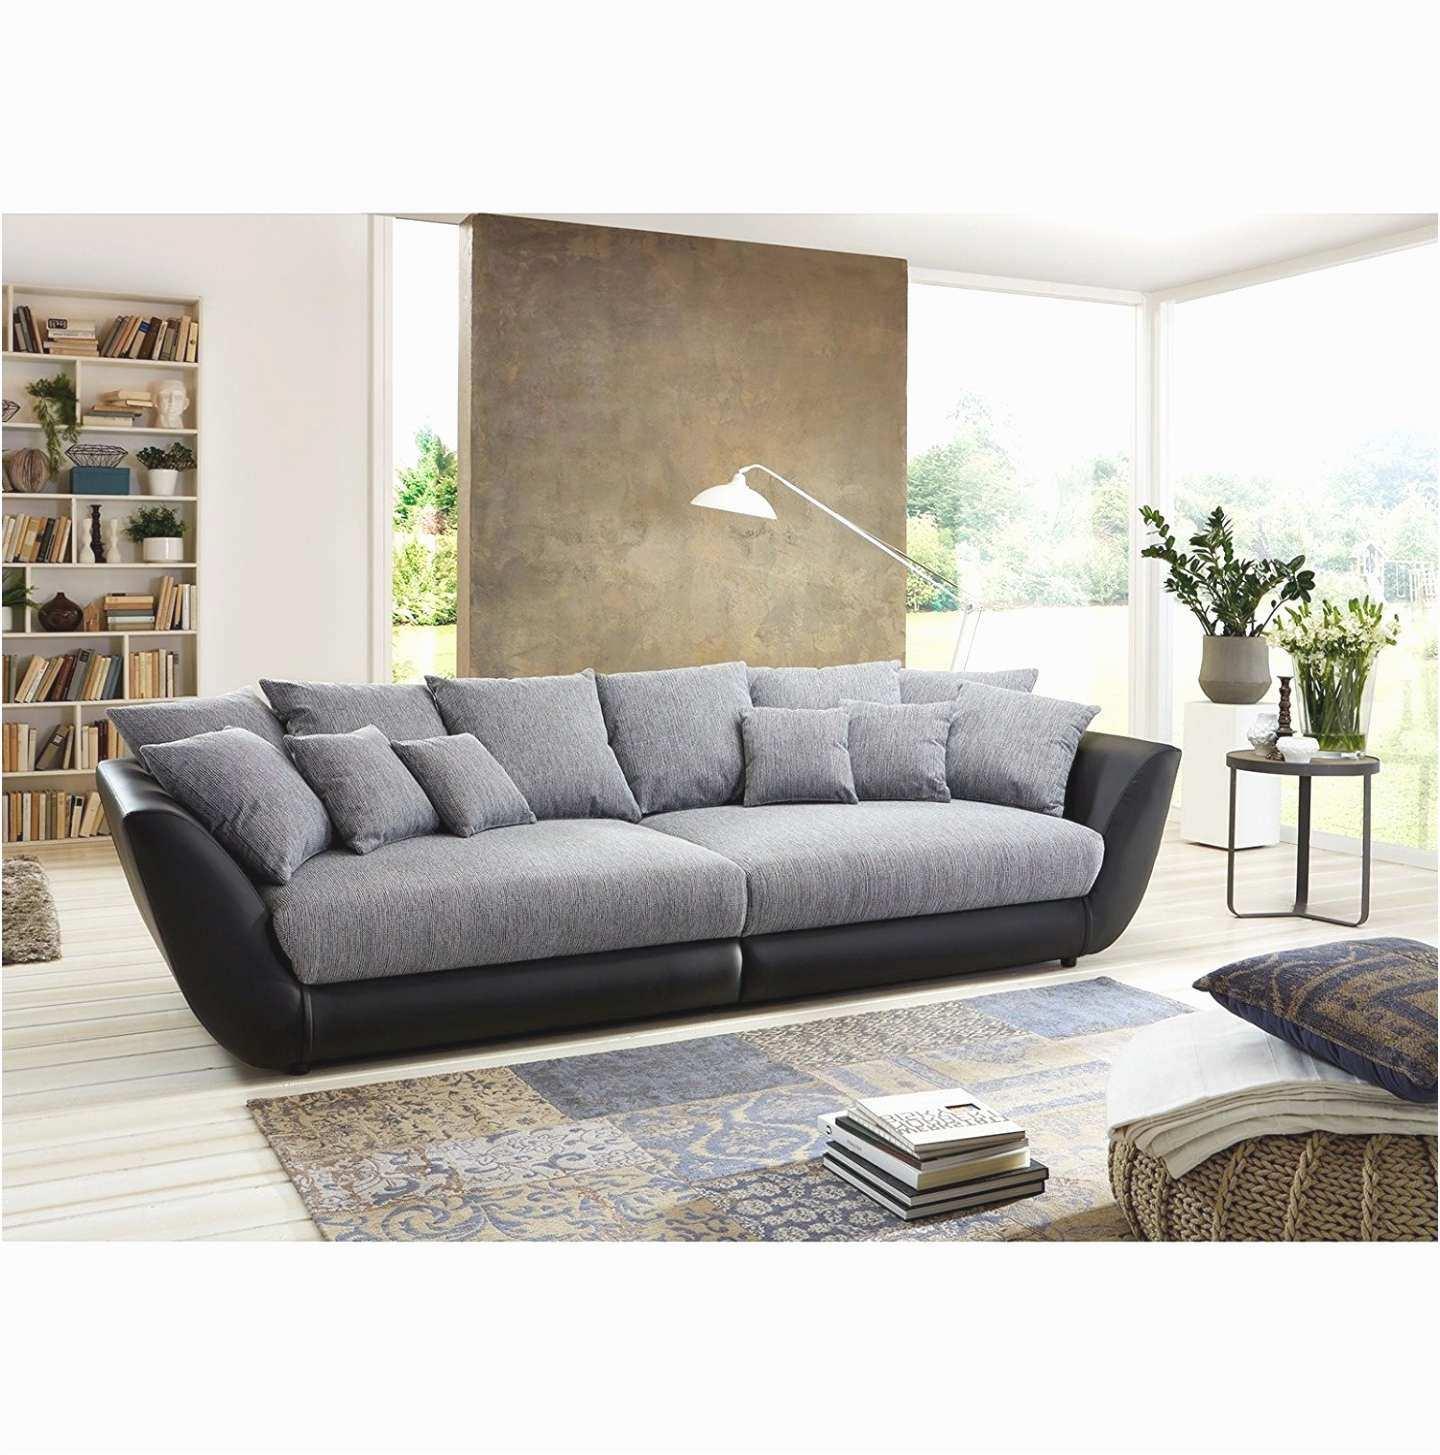 Full Size of Big Sofa Xxl L Form Frisch U Schn Luxus Couch Sam Mit Schlaffunktion Braun Landhausstil Le Corbusier Alternatives 2 5 Sitzer Wildleder Hussen Ewald Schillig Sofa Big Sofa Xxl